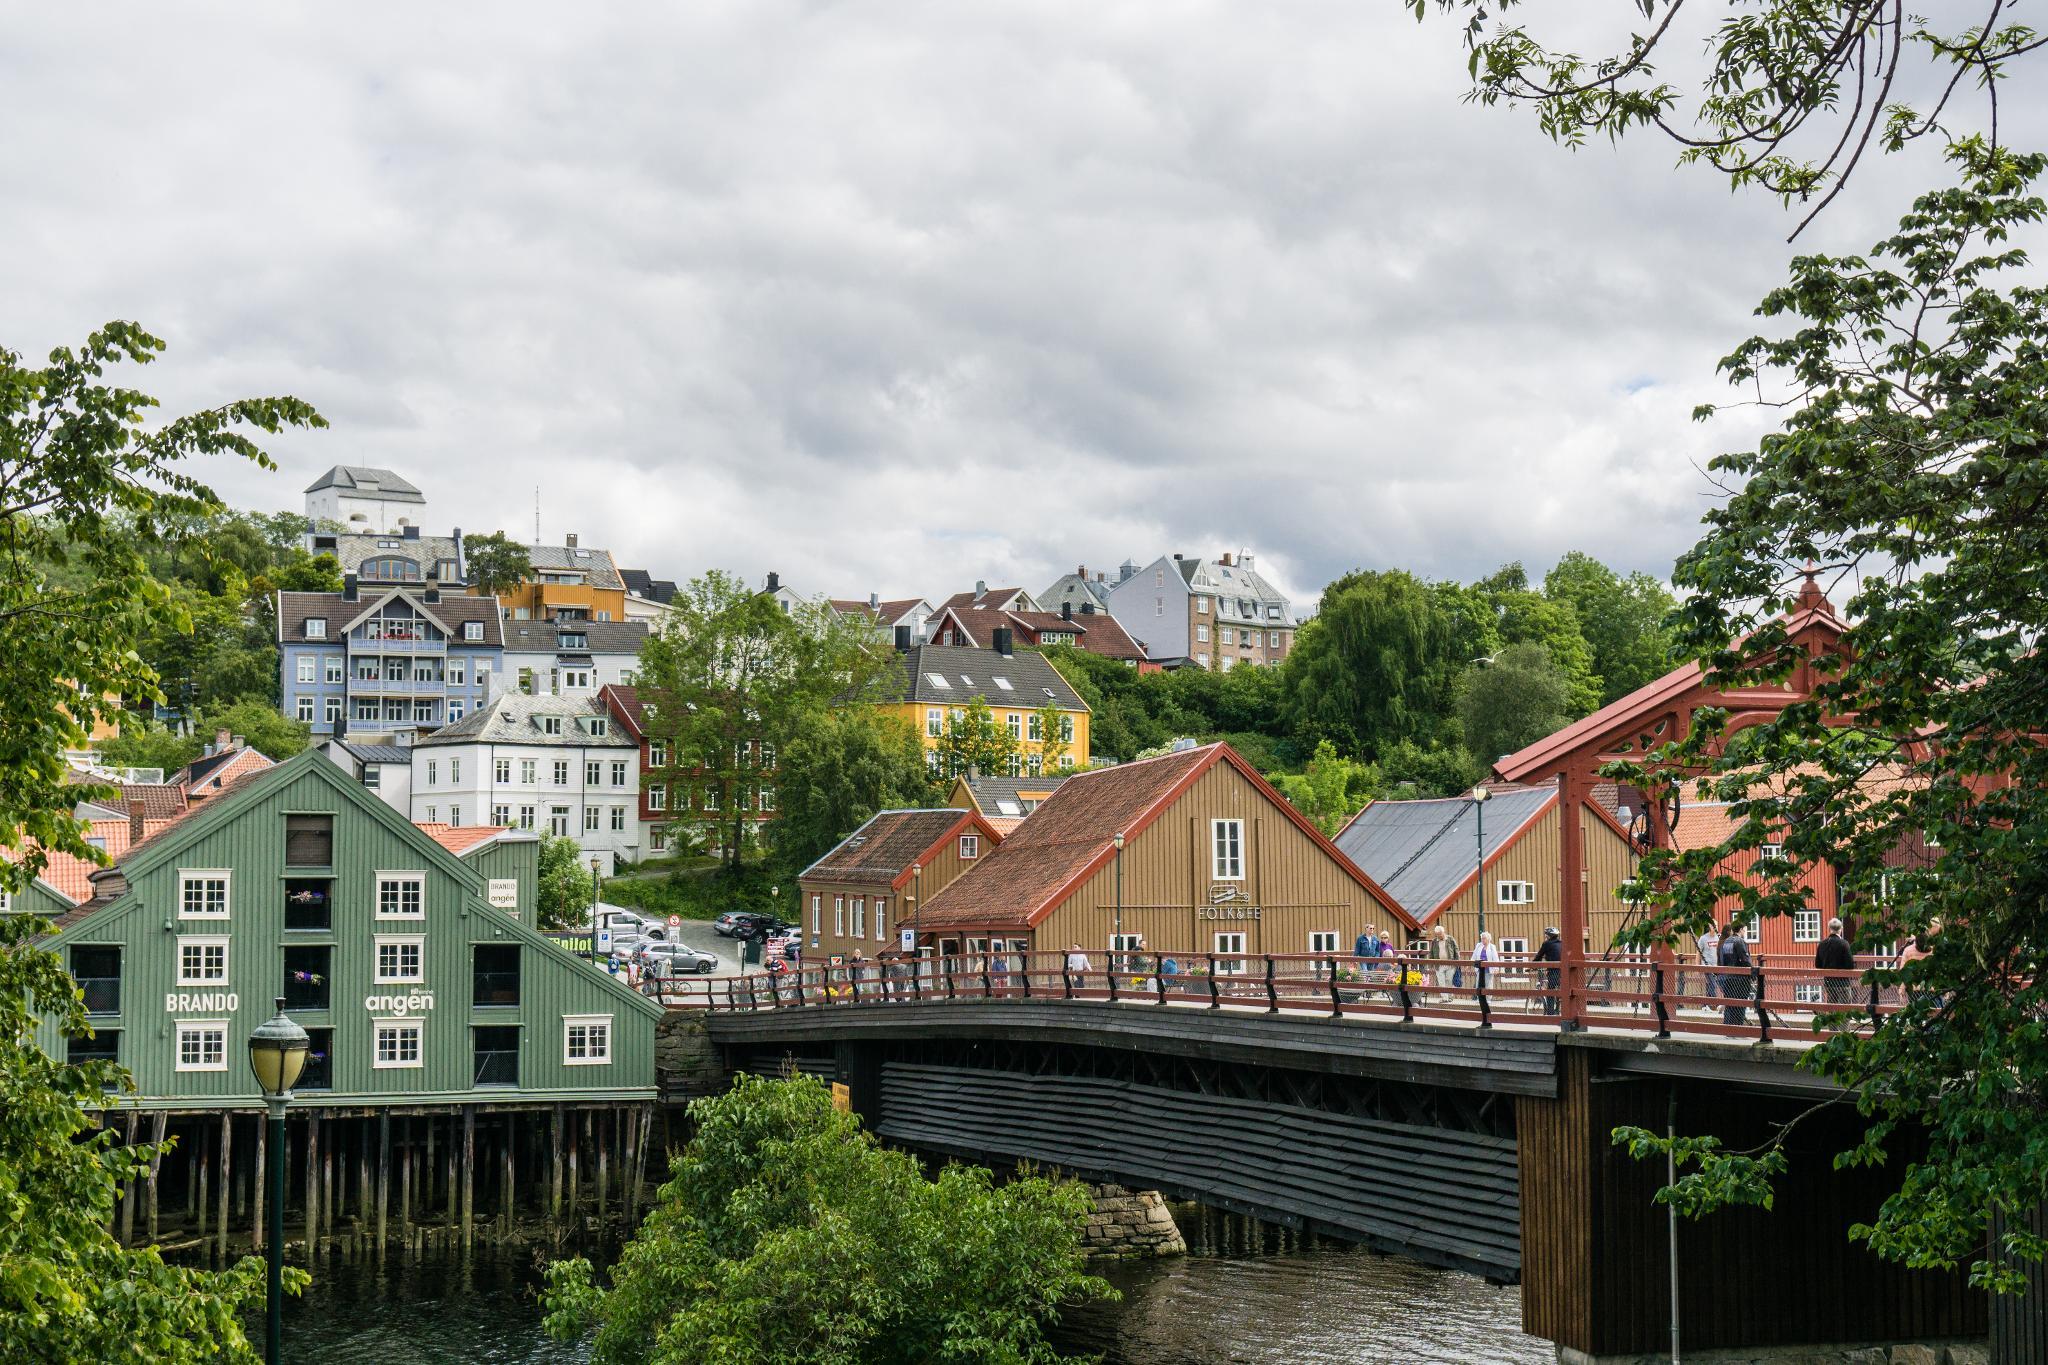 【北歐景點】拜訪維京王的千年古城 - Trondheim 特隆赫姆景點懶人包 11